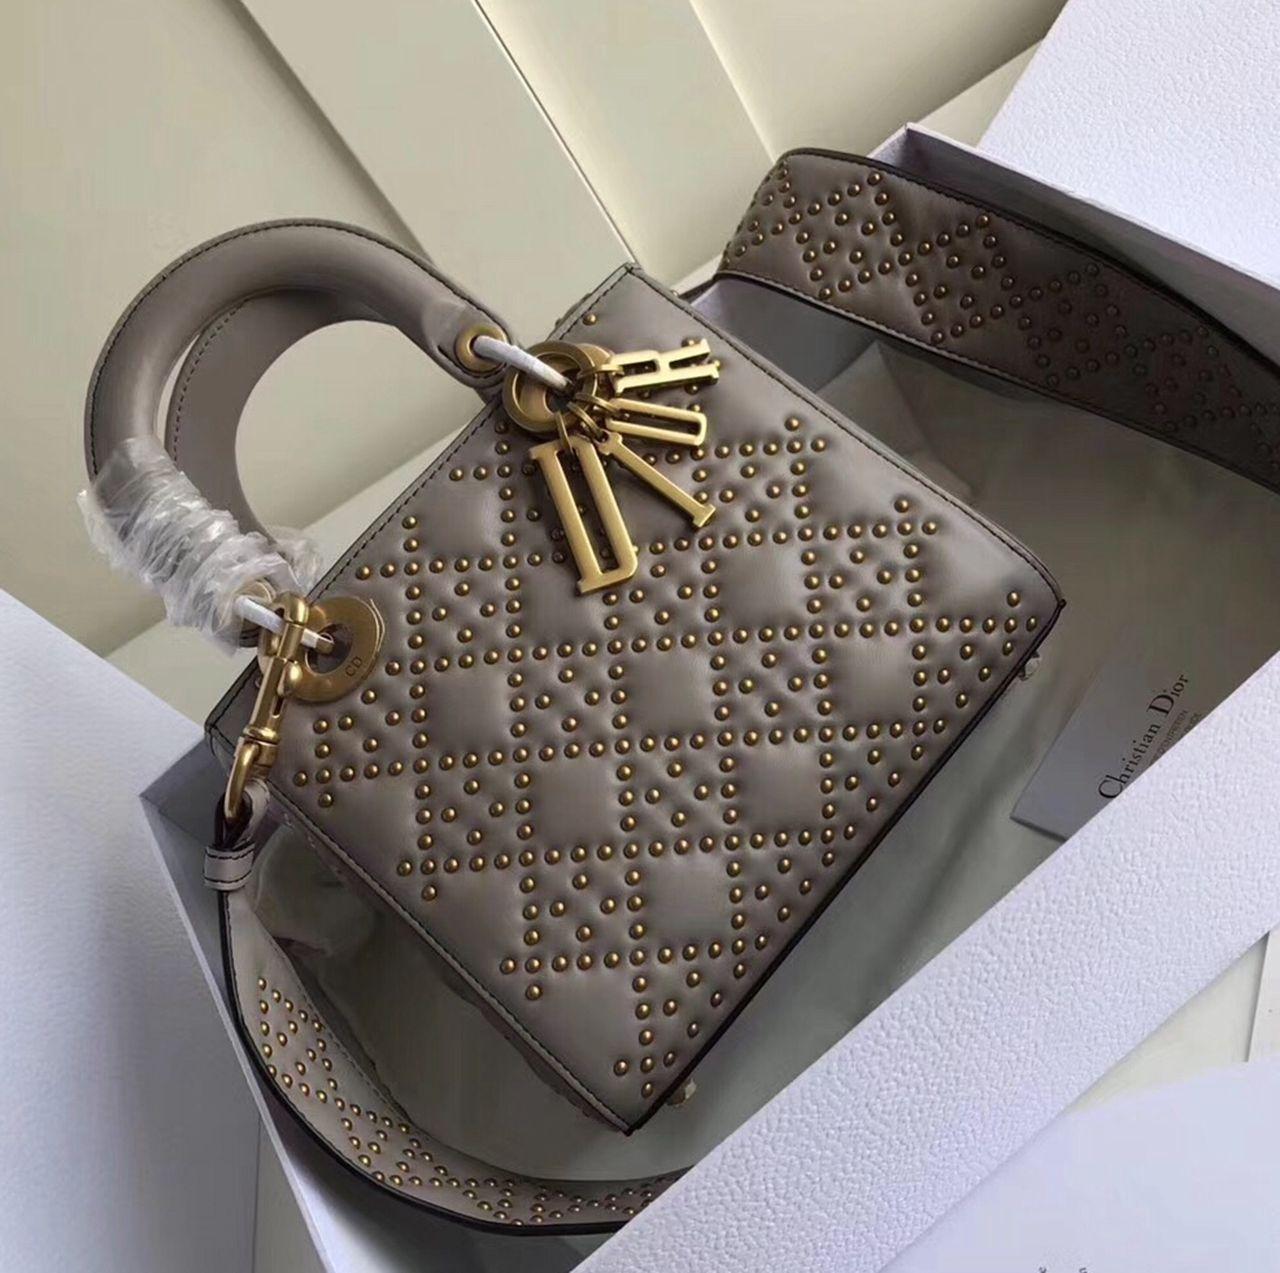 5717772f1 Dior Supple Lady Dior Medium Bag in Studded Lambskin Grey 2017 ...